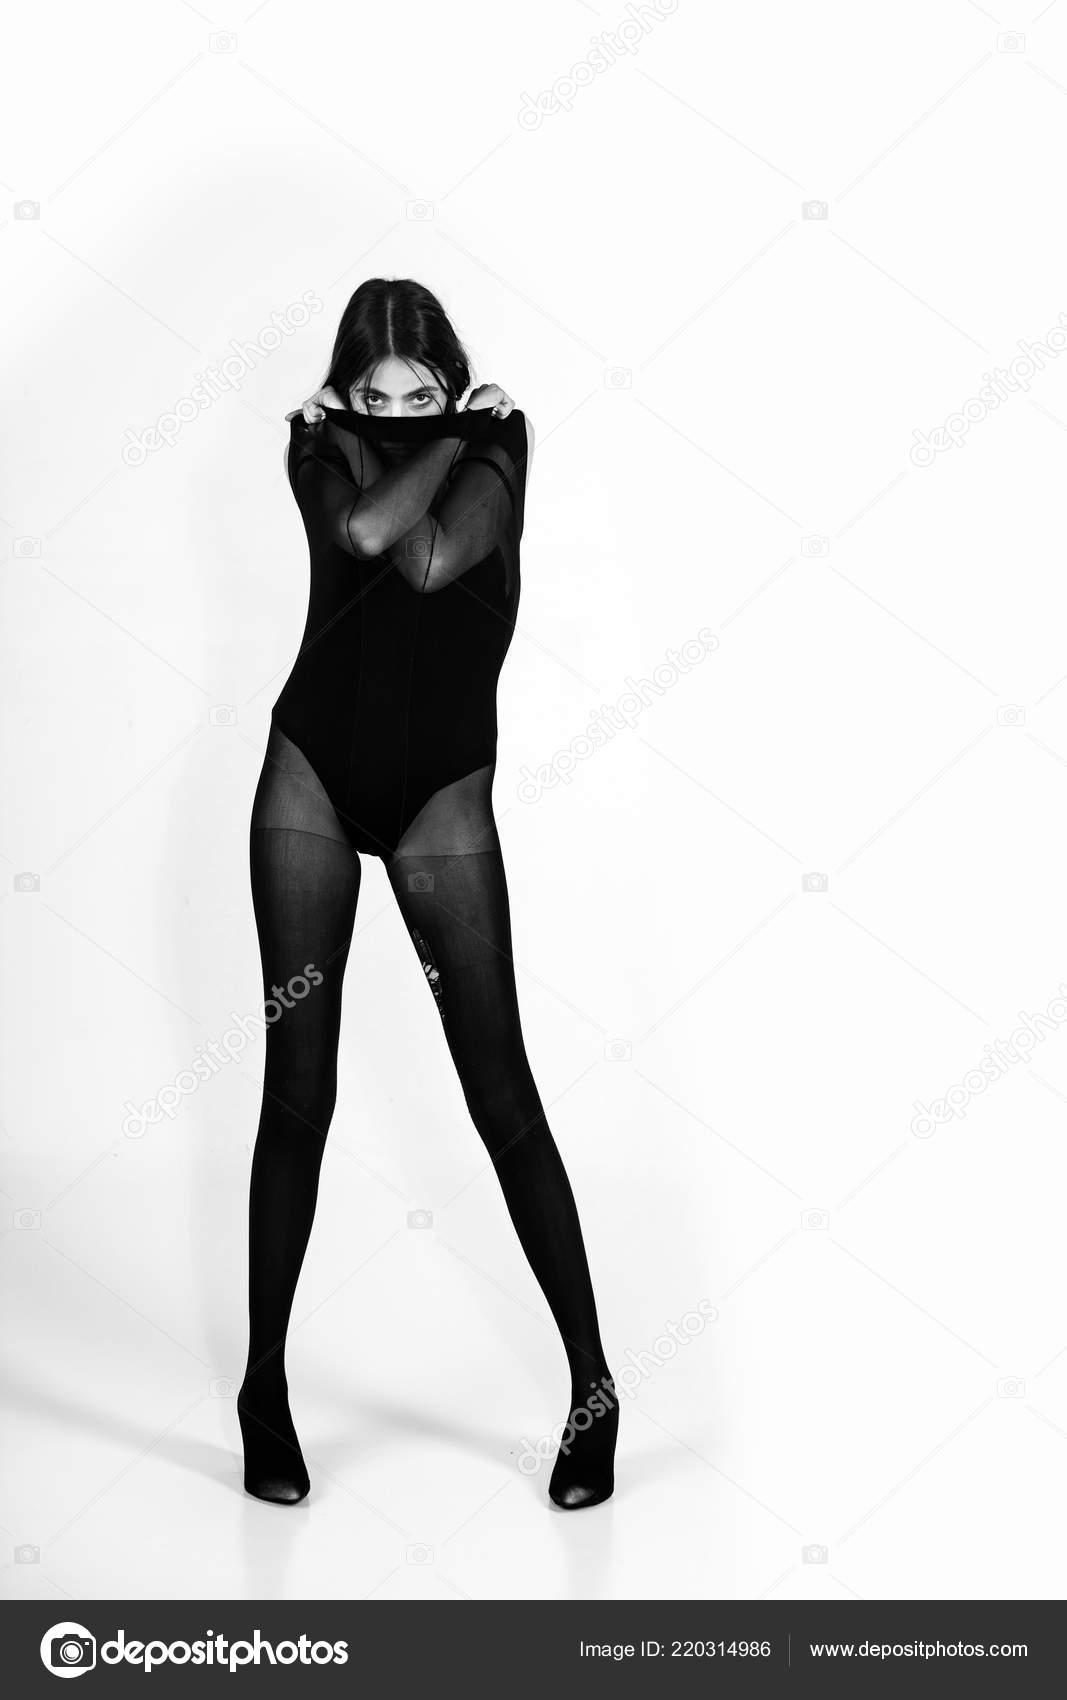 Девушек это фото девушку длинные ножки жизнь старческих